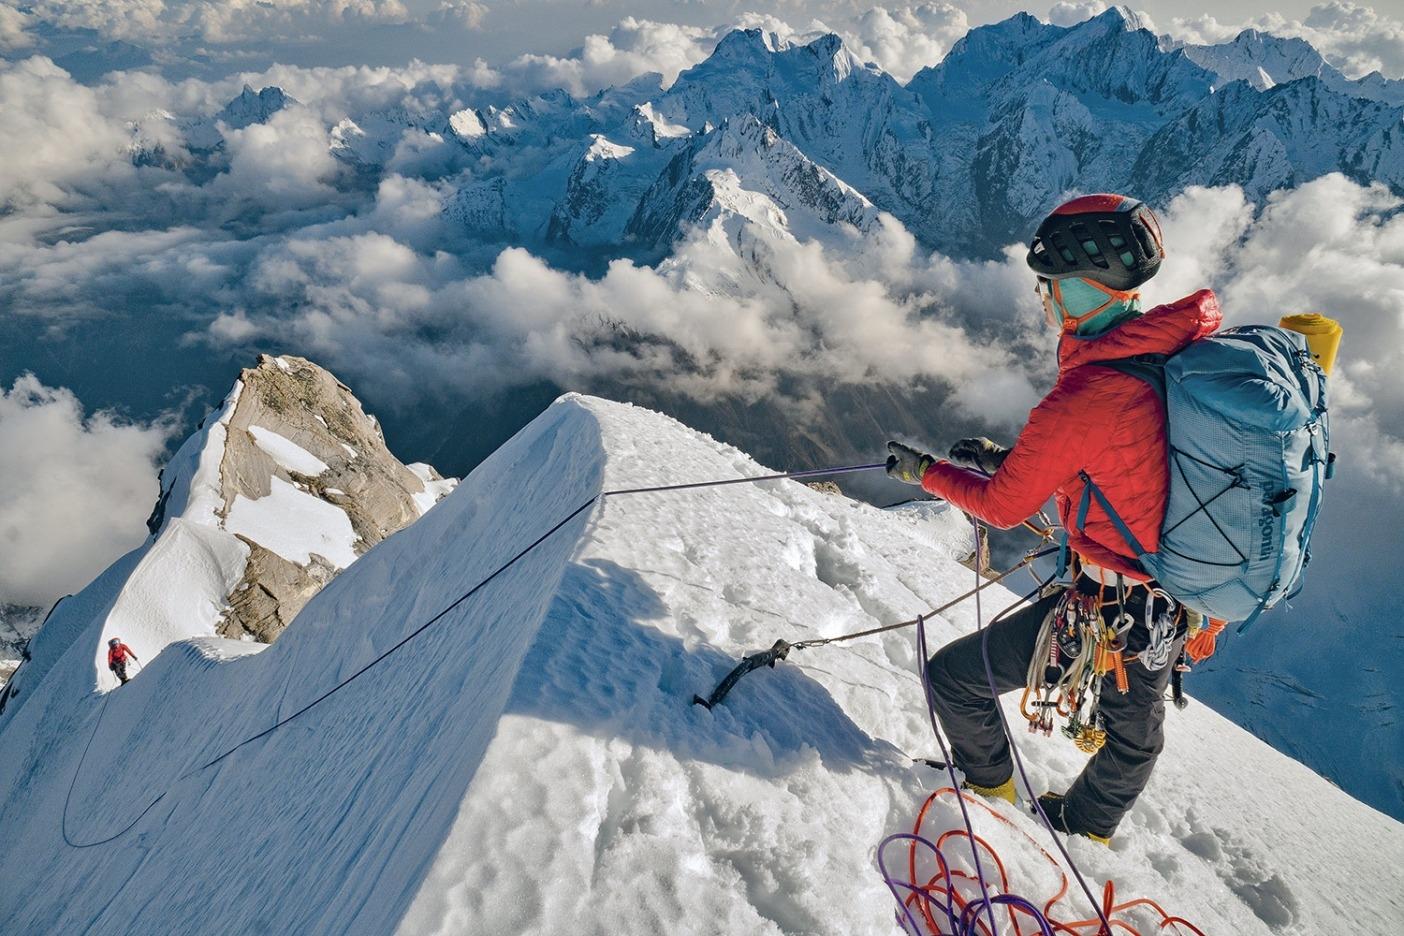 翌日登頂できるということを実感した瞬間。核心のピッチを登り終え、容易なセクションで私がシャンテルのロープをたぐり寄せていると、陽光が薄れはじめた。ひどい吹きさらしの尾根にビバークする場所を作らなければならなかったけど、興奮していた私たちにはまったく気にならなかった。Photo: JASON THOMPSON